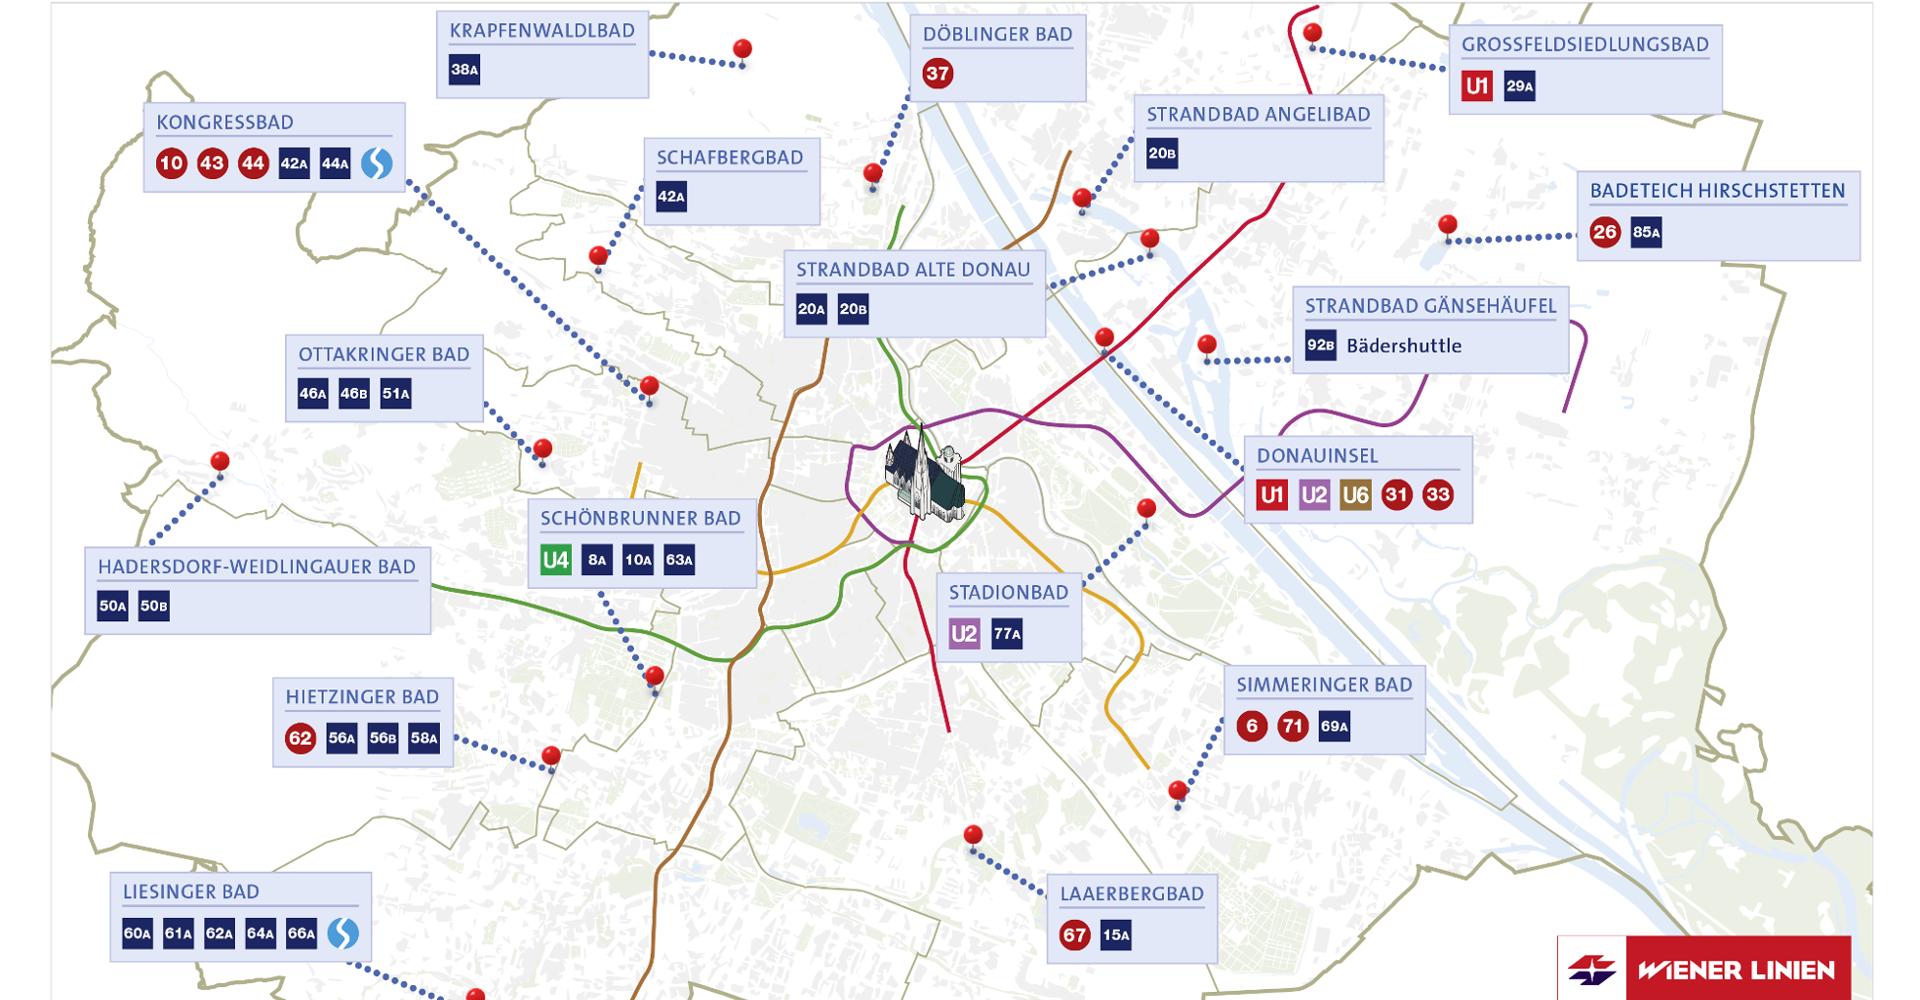 Bäder Karte Wien